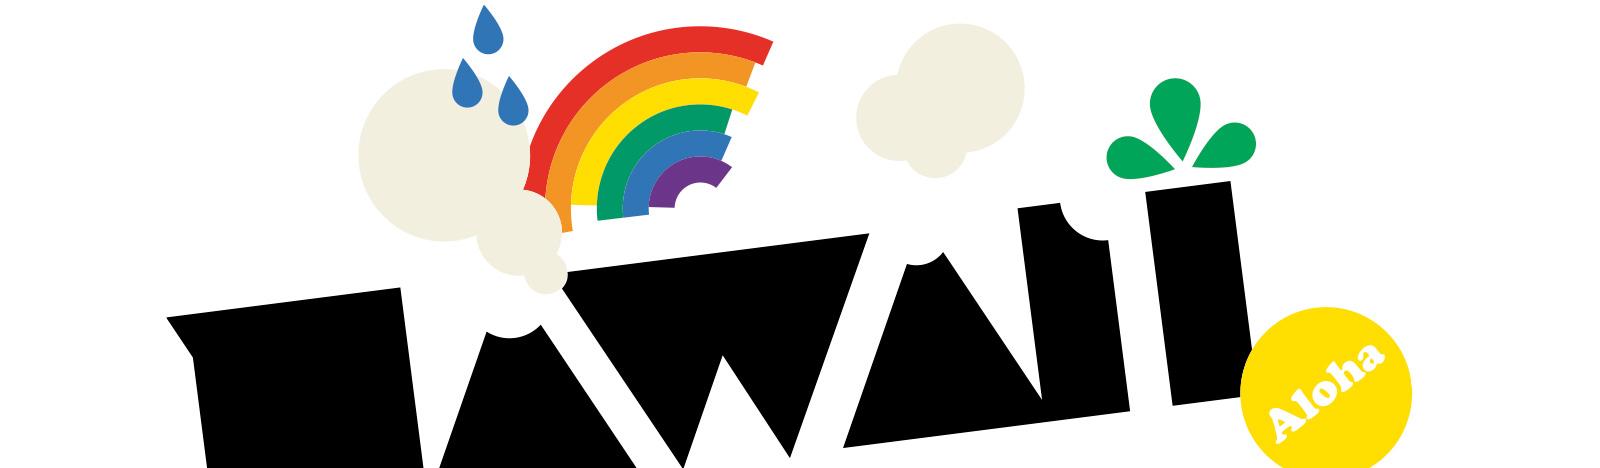 Hawaii Graphic Logo (© 2012, Markus Remscheid)